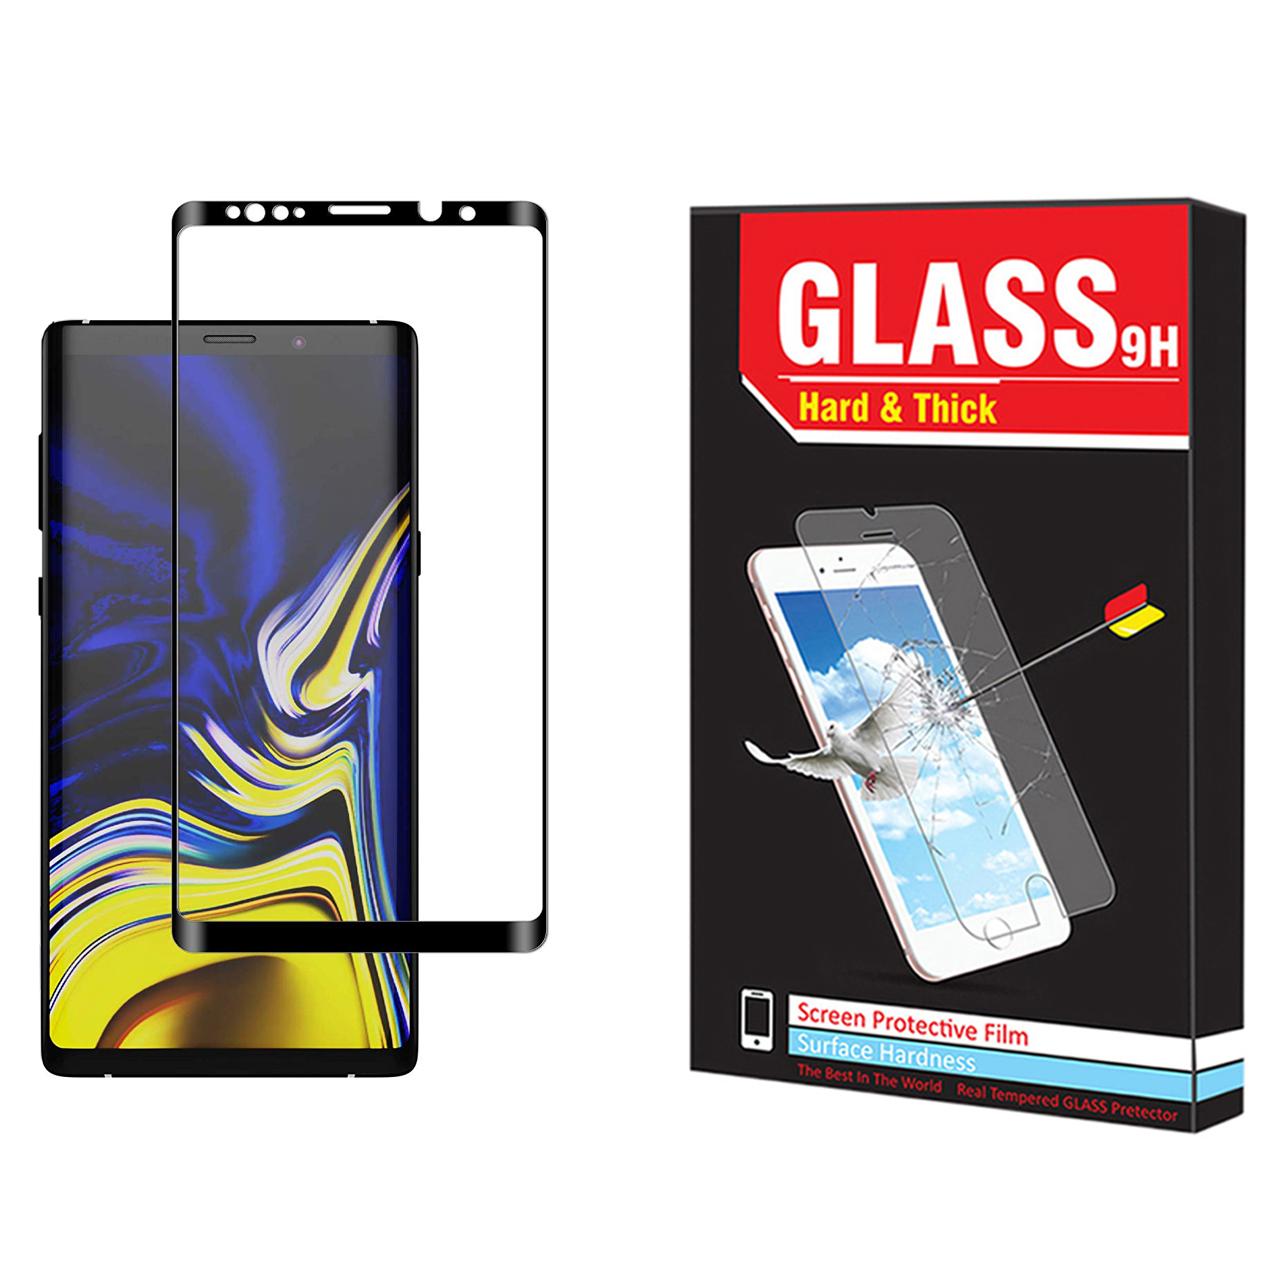 محافظ صفحه نمایش Hard and thick مدل F-001 مناسب برای گوشی موبایل سامسونگ Galaxy Note 9